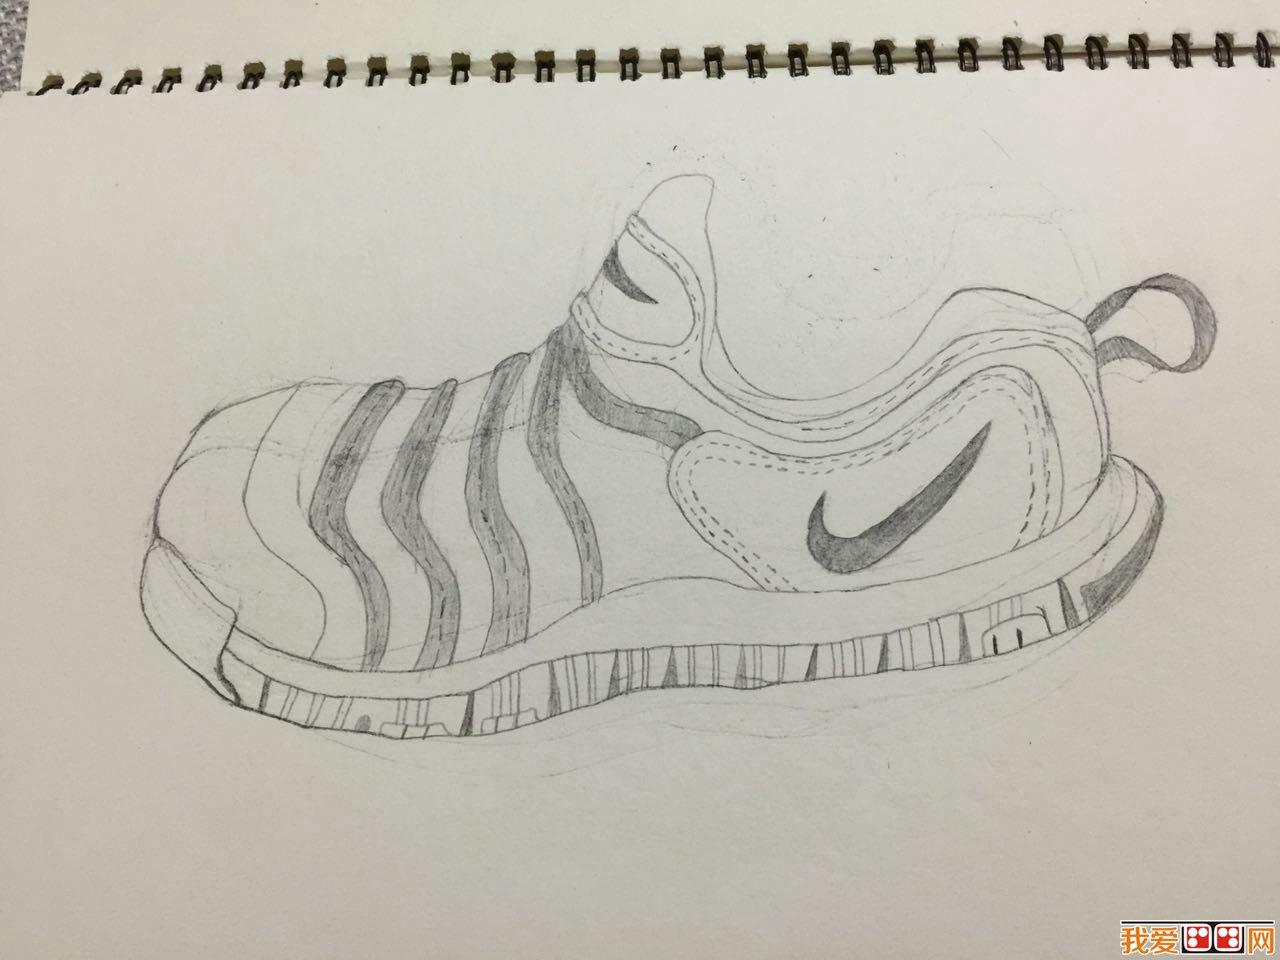 nike素描鞋子-儿童画线描耐克运动鞋-儿童画线描作品欣赏